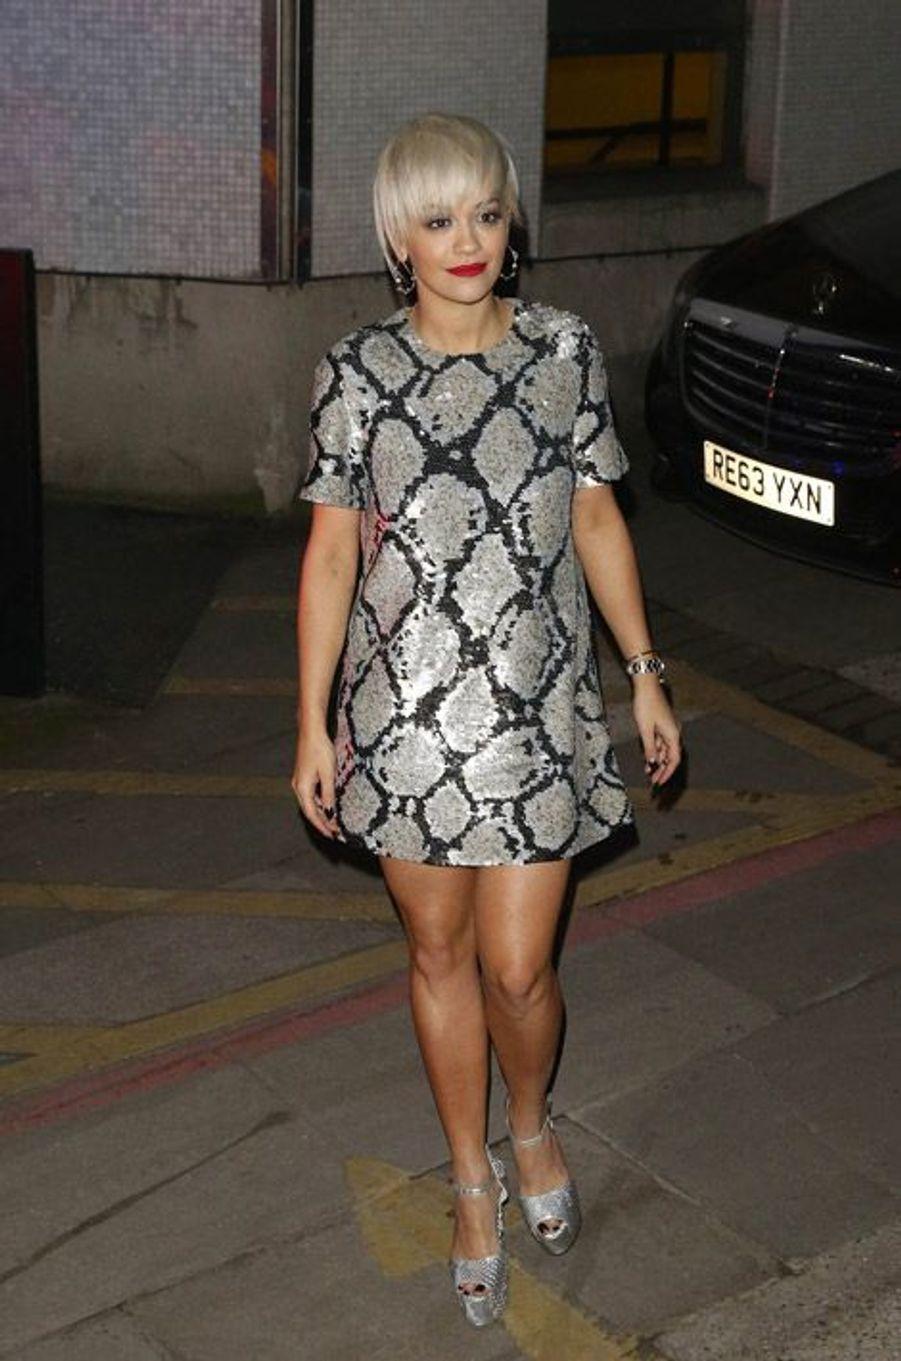 La chanteuse Rita Ora dans une robe moirée à Londres, le 12 février 2015